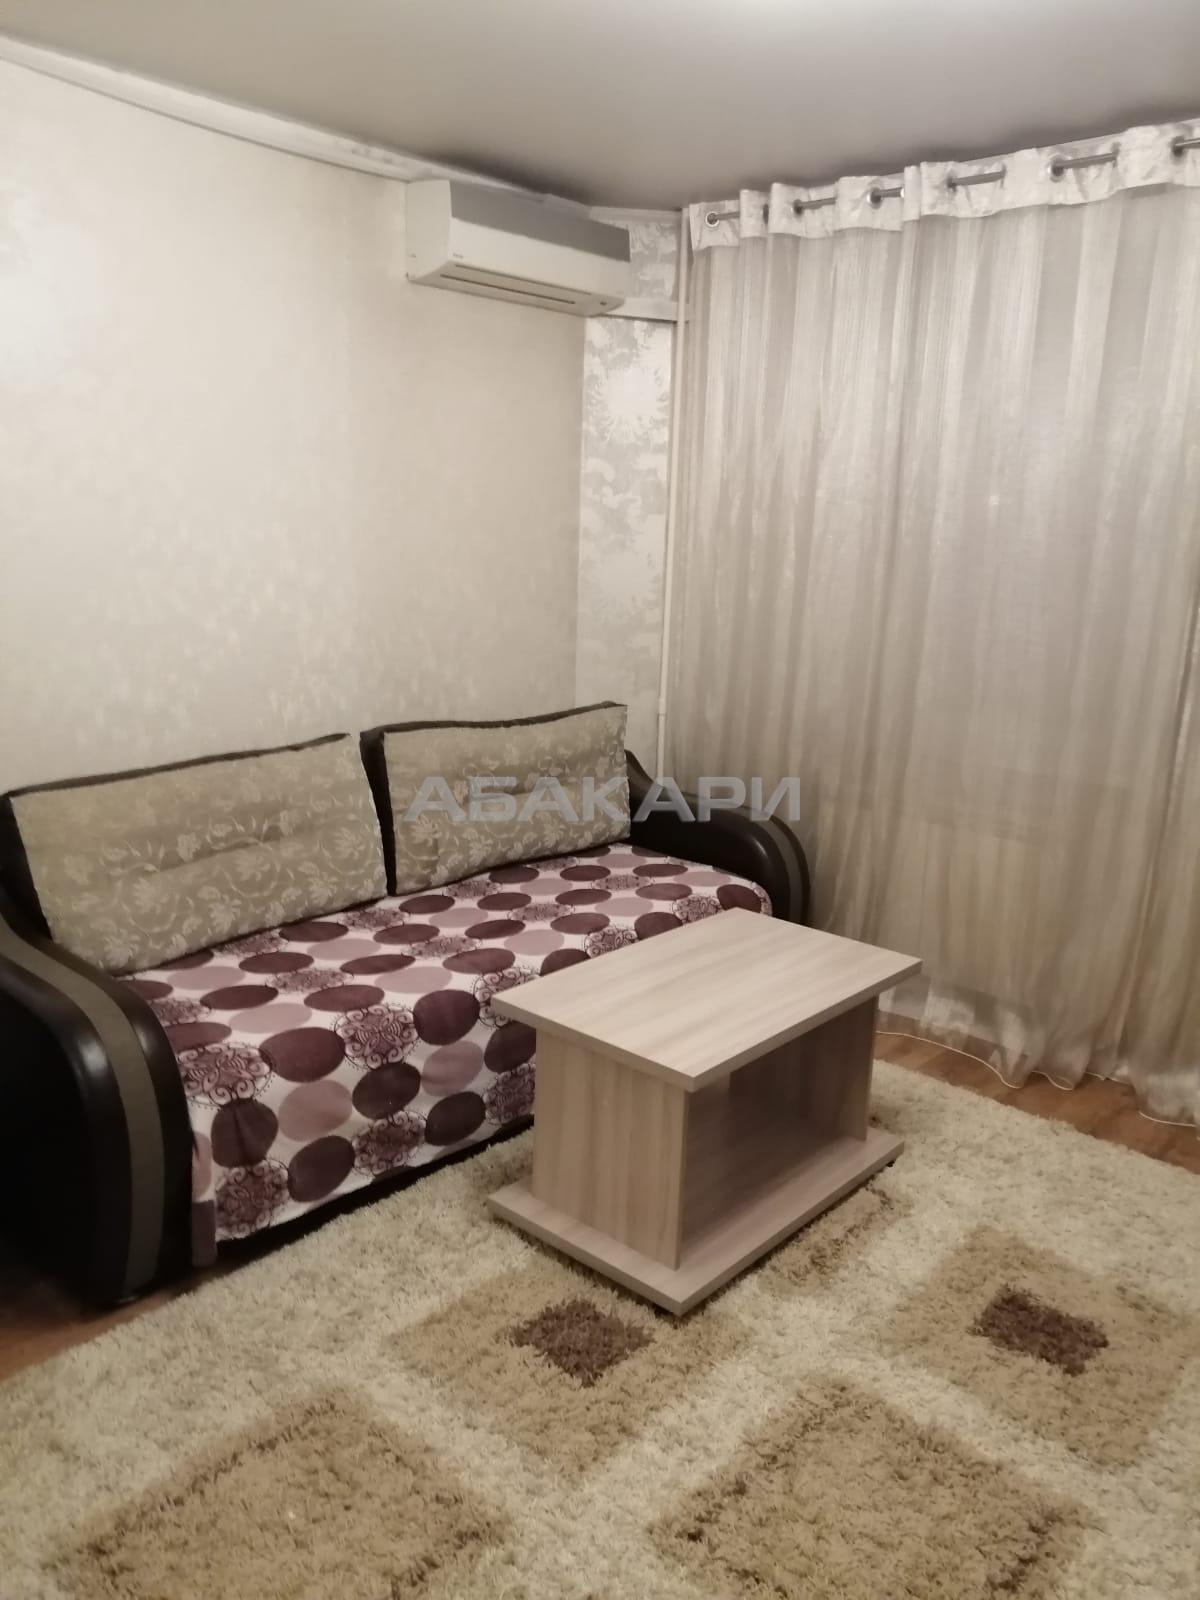 2к квартира Ботаническая улица, 22 4/5 - 60кв | 25000 | аренда в Красноярске фото 2